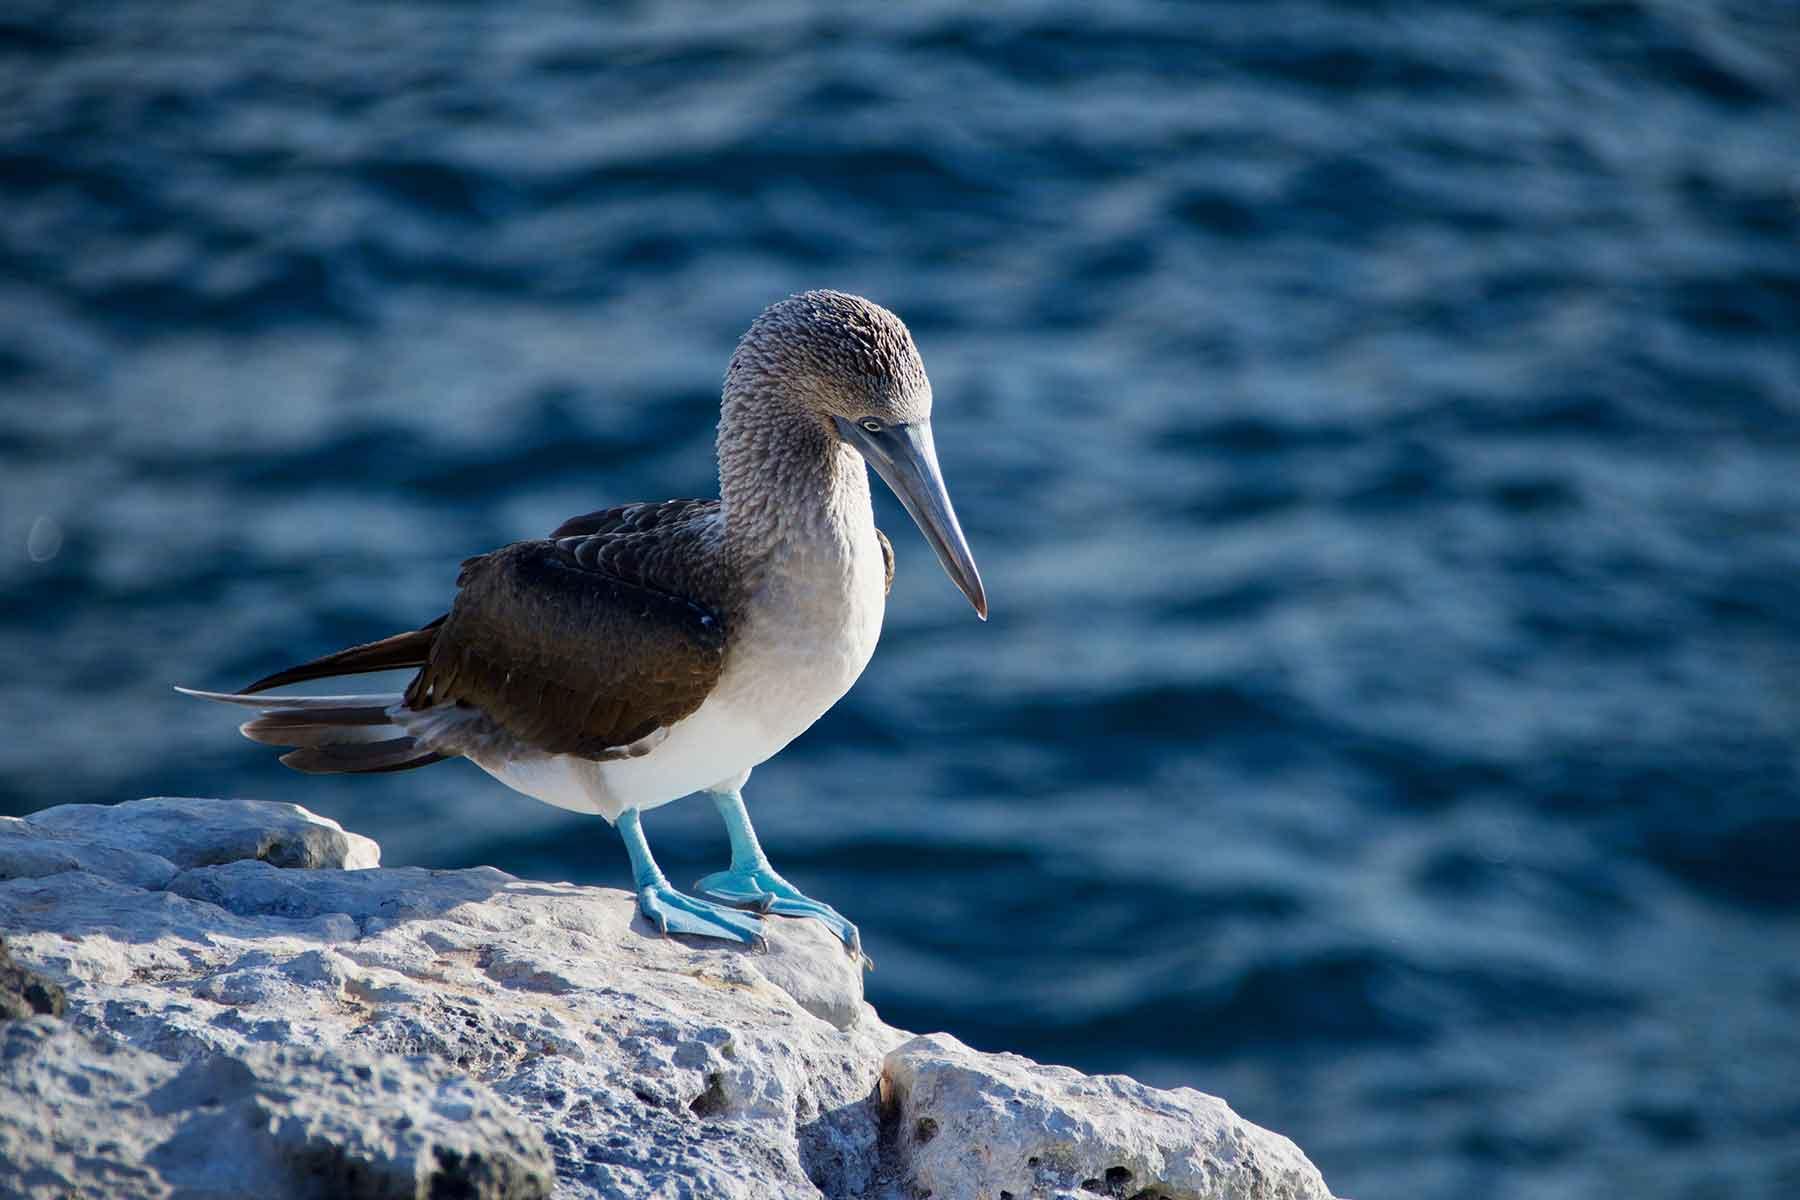 Resor-till-Ecuador-med-Nygren-&-Lind-Resebyrå---galapagos-blåfot-fågel